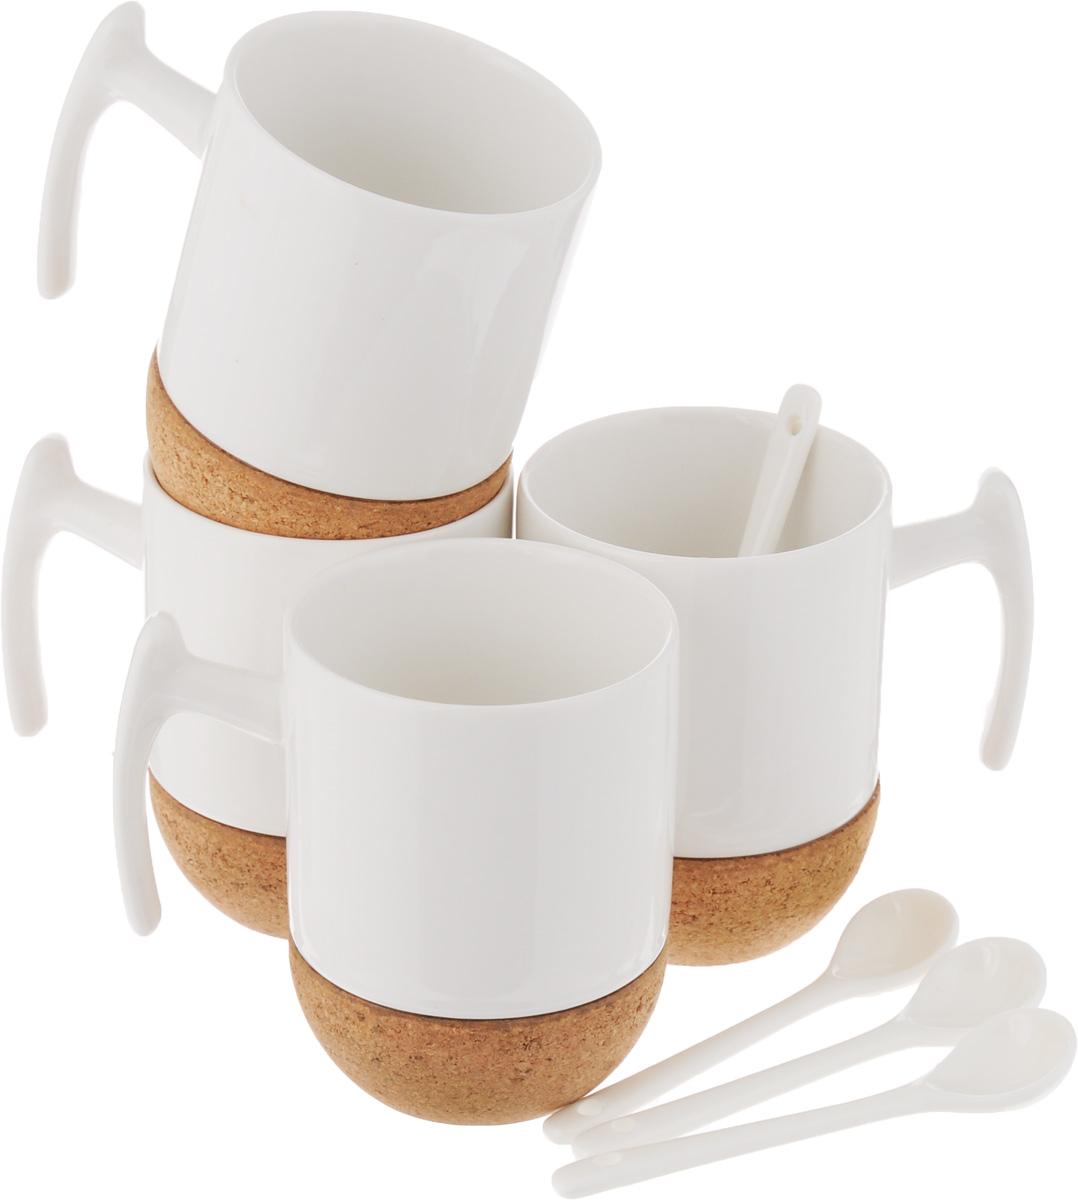 Набор чайный EcoWoo, 8 предметов2012247UНабор чайный EcoWoo - это не только идеальный подарок, но и прекрасный повод побаловать себя! Набор состоит из 4 фарфоровых кружек с пробковым основанием и 4 ложек. Такой набор станет идеальным решением для ценителей экологичных деталей в интерьере и поклонников здорового образа жизни. Не использовать в посудомоечной машине. Объем кружки: 280 мл. Диаметр кружки (по верхнему краю): 7,5 см. Высота кружки: 10,5 см. Длина ложки: 11,5 см.